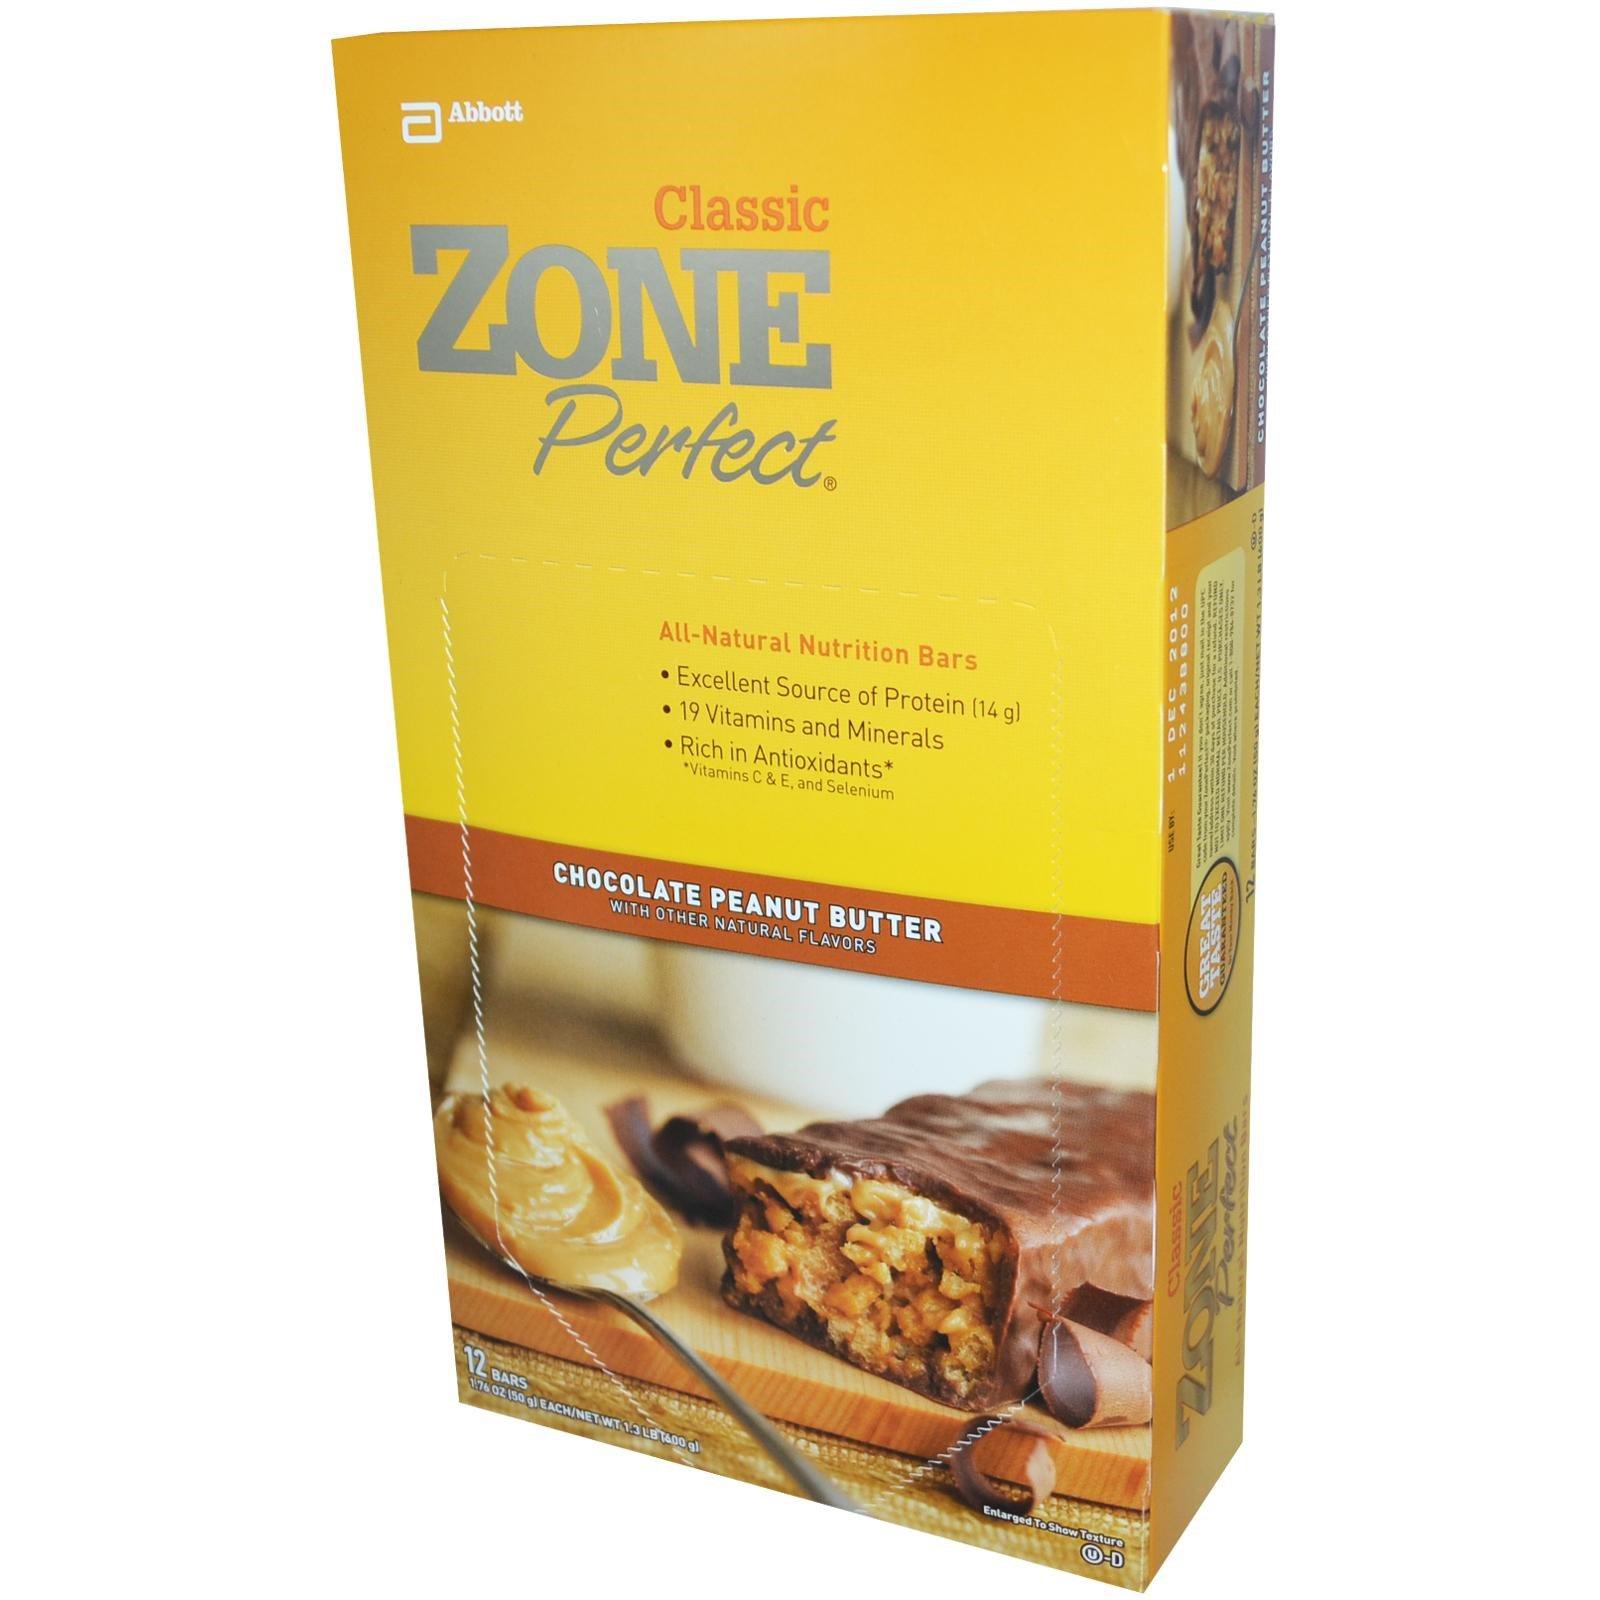 ZonePerfect, Классические полностью натуральные питательные батончики, шоколадно-арахисовое масло, 12 батончиков, 1,76 унции (50 г) каждый